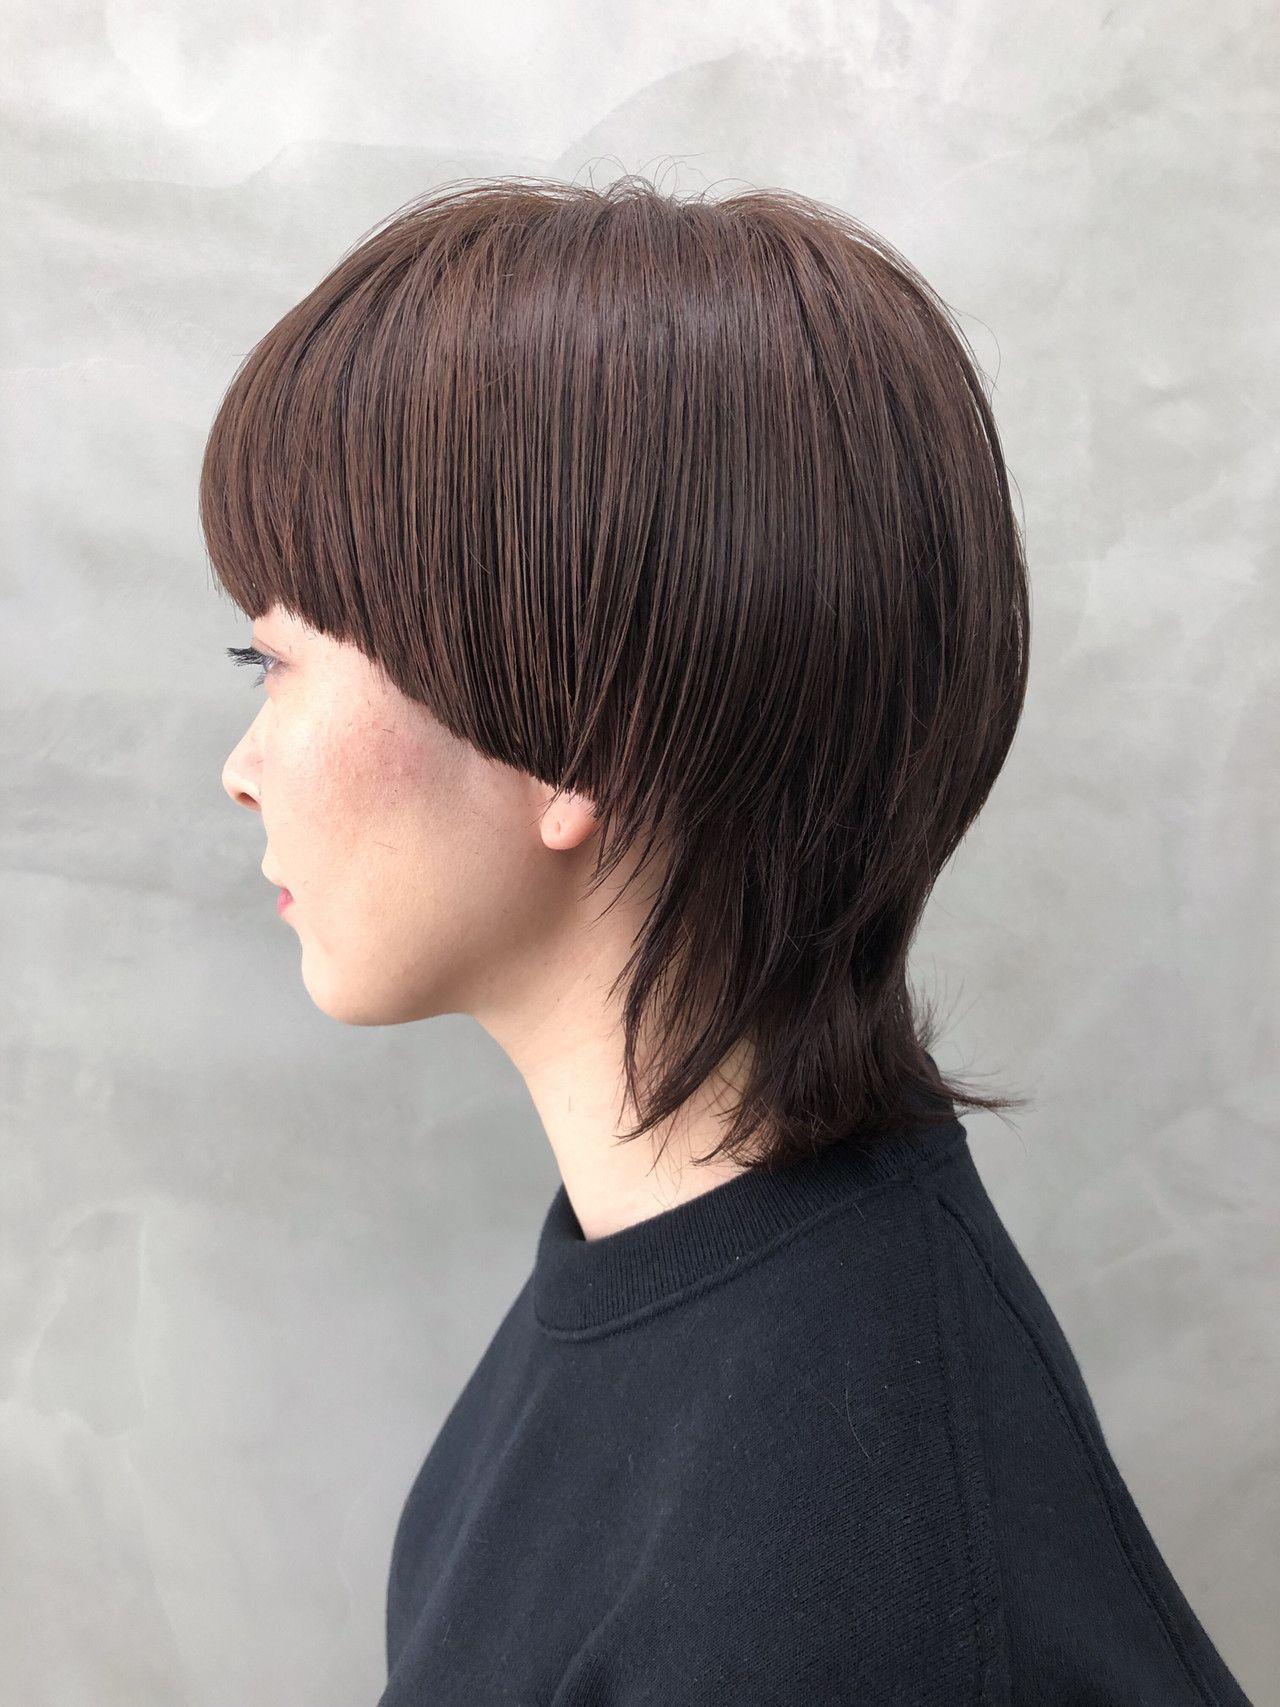 ブラウンベージュ ネオウルフ ショート ウルフカット ヘアスタイルや髪型の写真 画像 ヘアスタイル パーマヘアの女の子 ウルフ カット